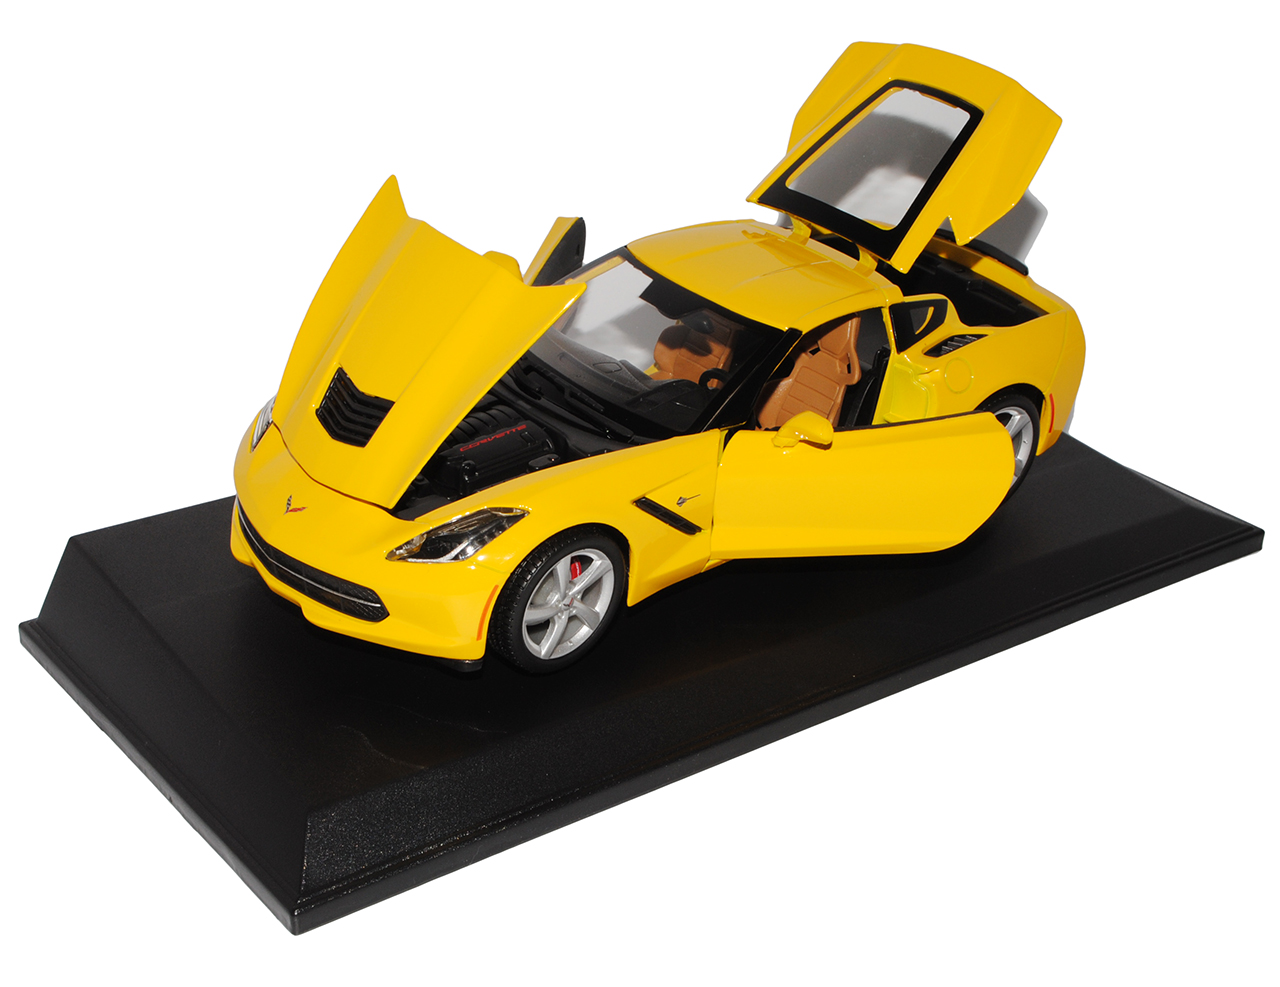 CHEVROLET CHEVY CORVETTE c7 Stingray Coupe Giallo a partire dal 2013 1//18 Maisto Modello aut...